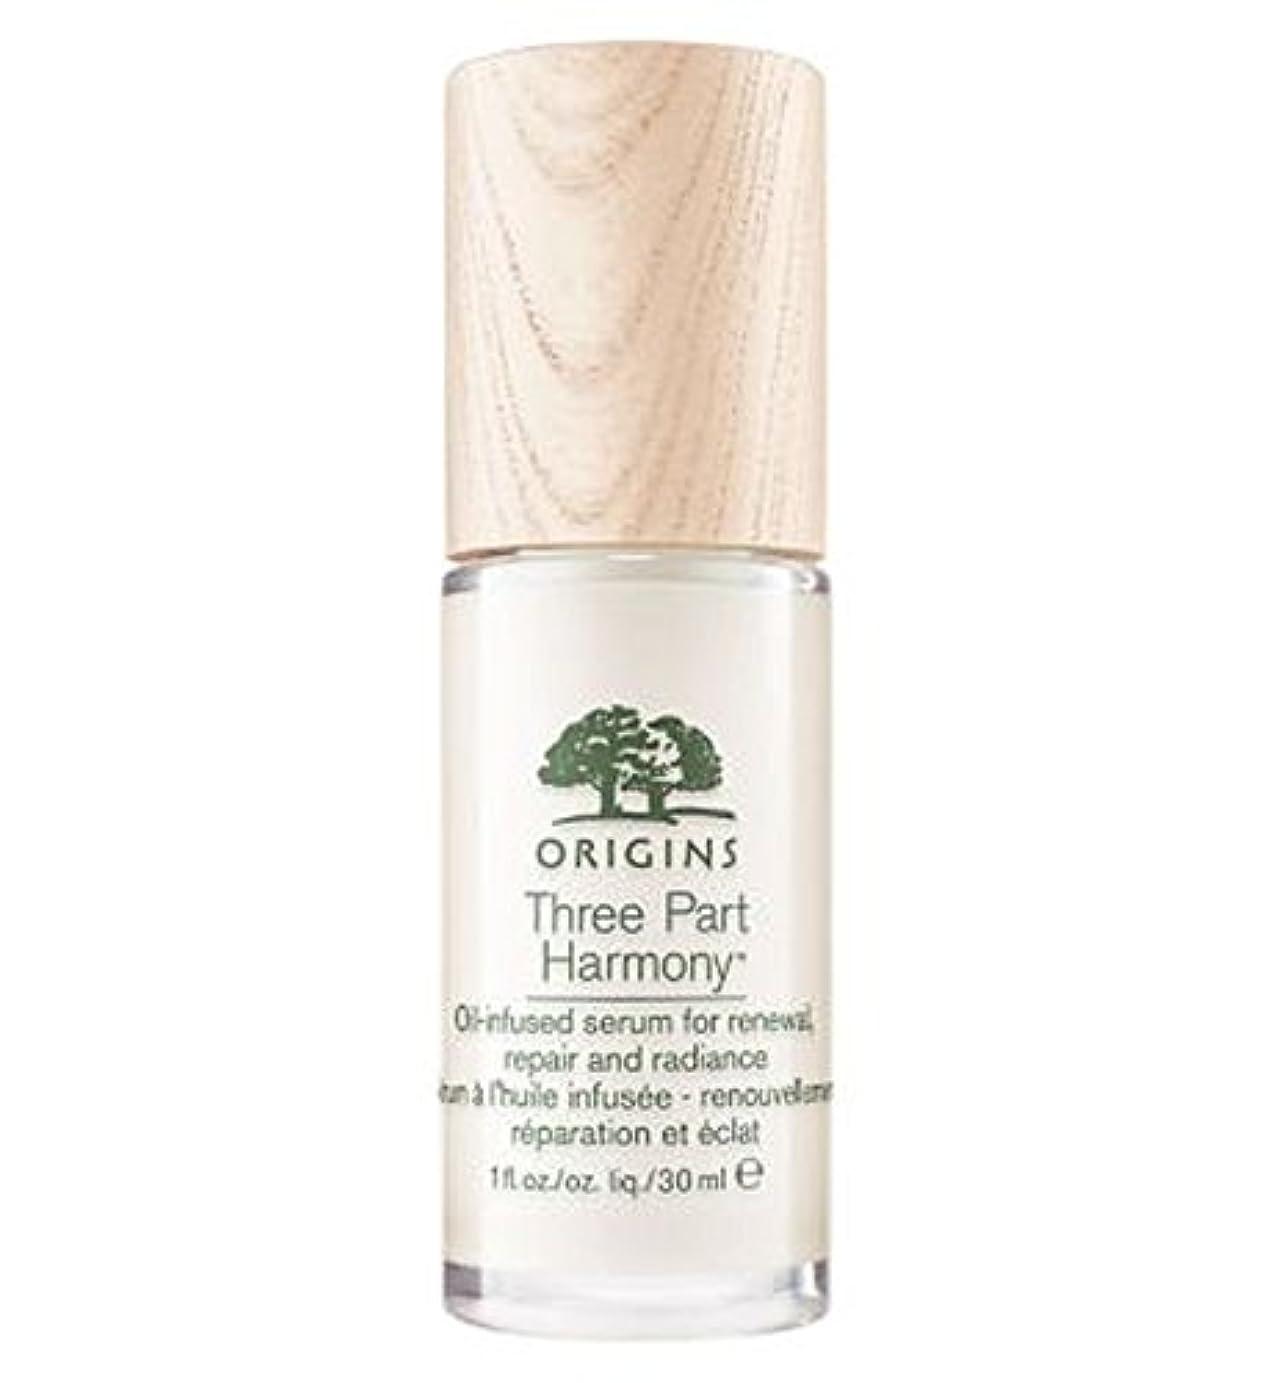 文言ズボン平手打ちOrigins Three Part Harmony Oil-infused serum 30ml - 起源3声のハーモニーオイルを注入した血清30ミリリットル (Origins) [並行輸入品]